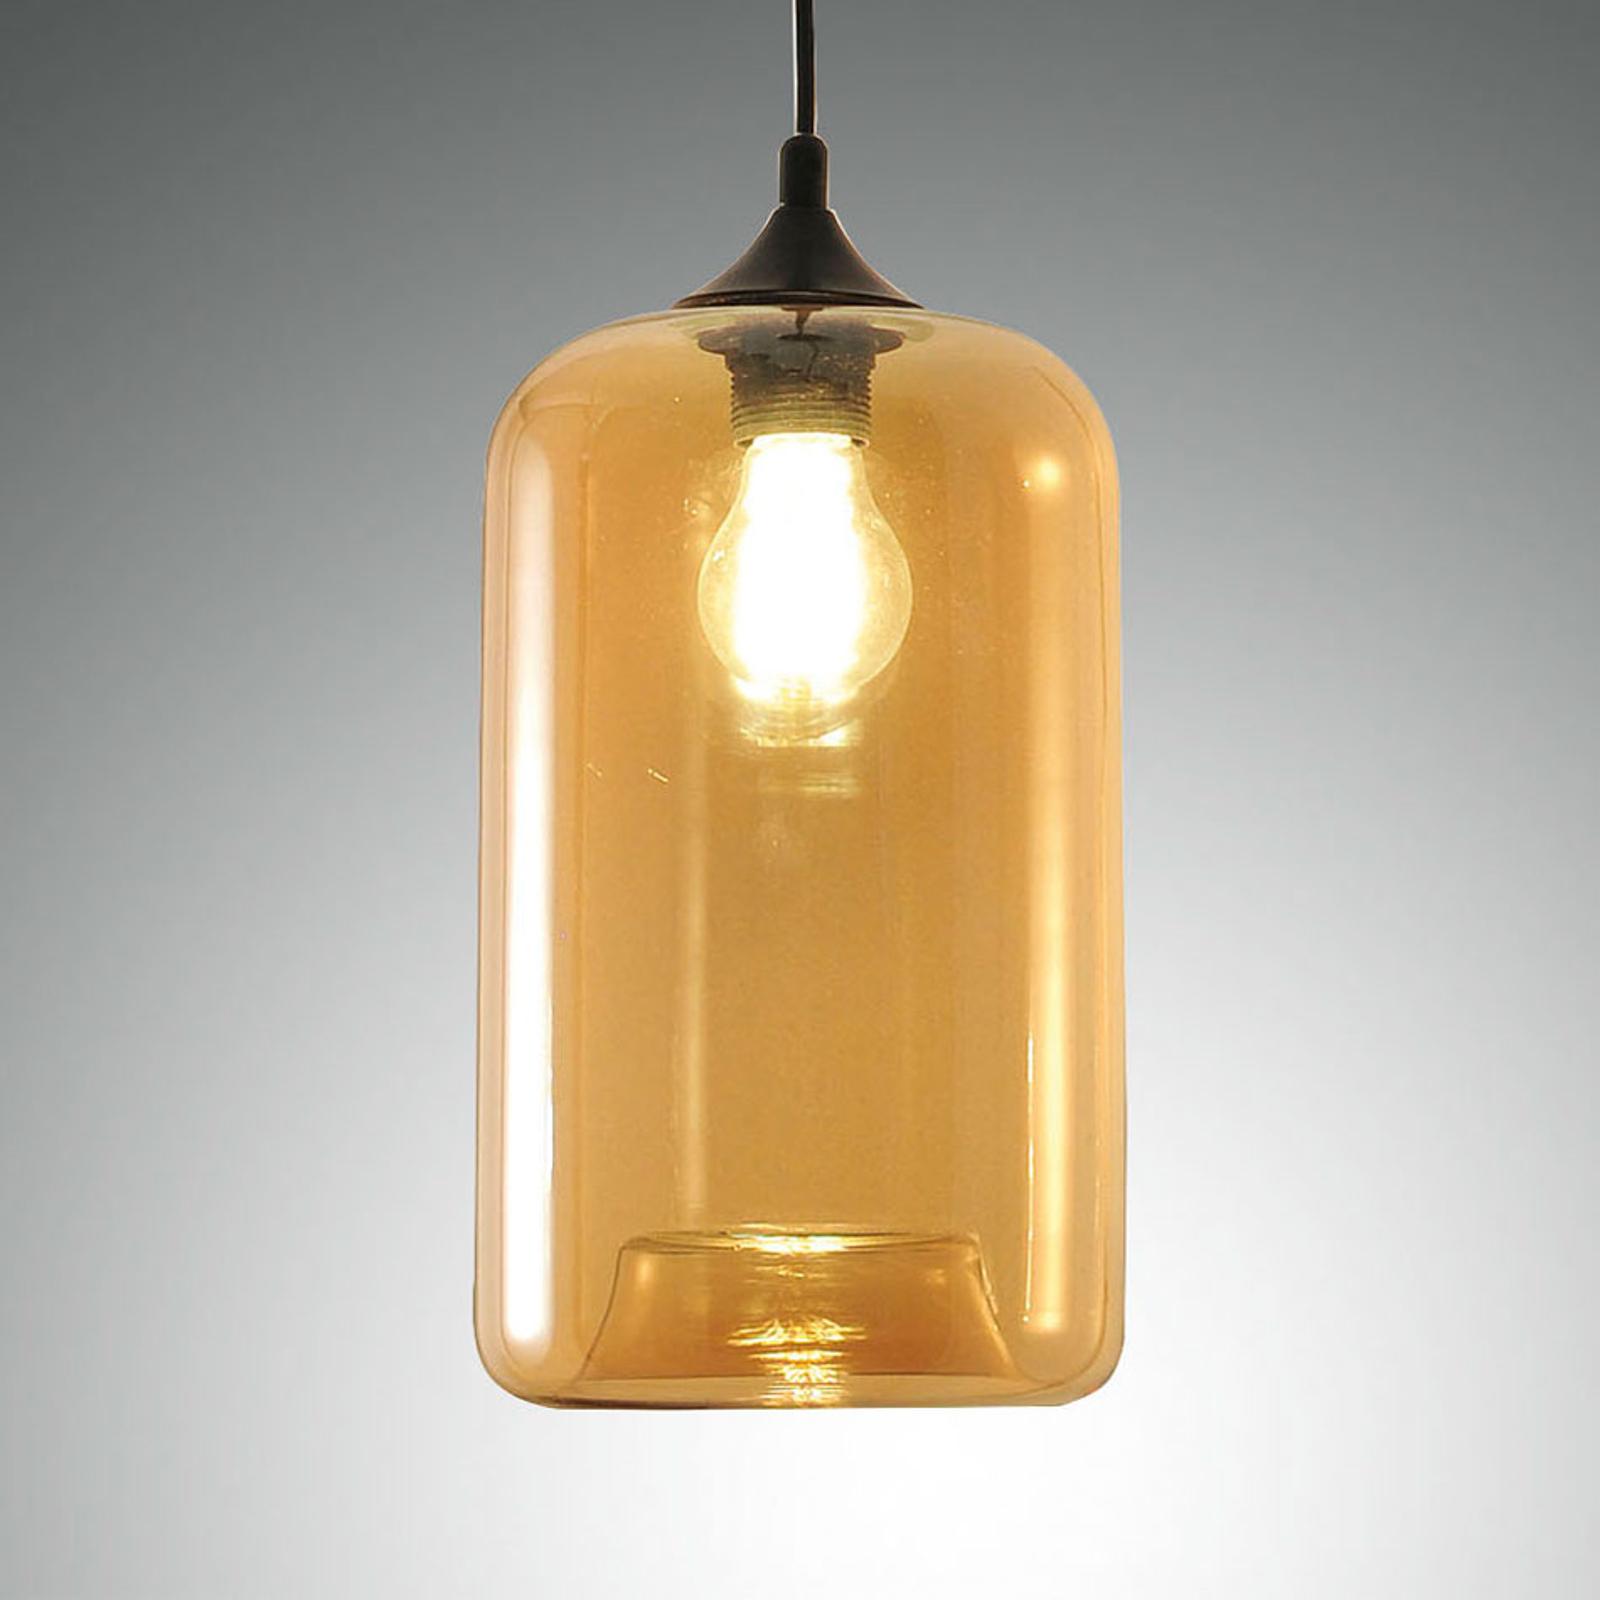 Lampa wisząca Silo ze szkła, bursztynowa